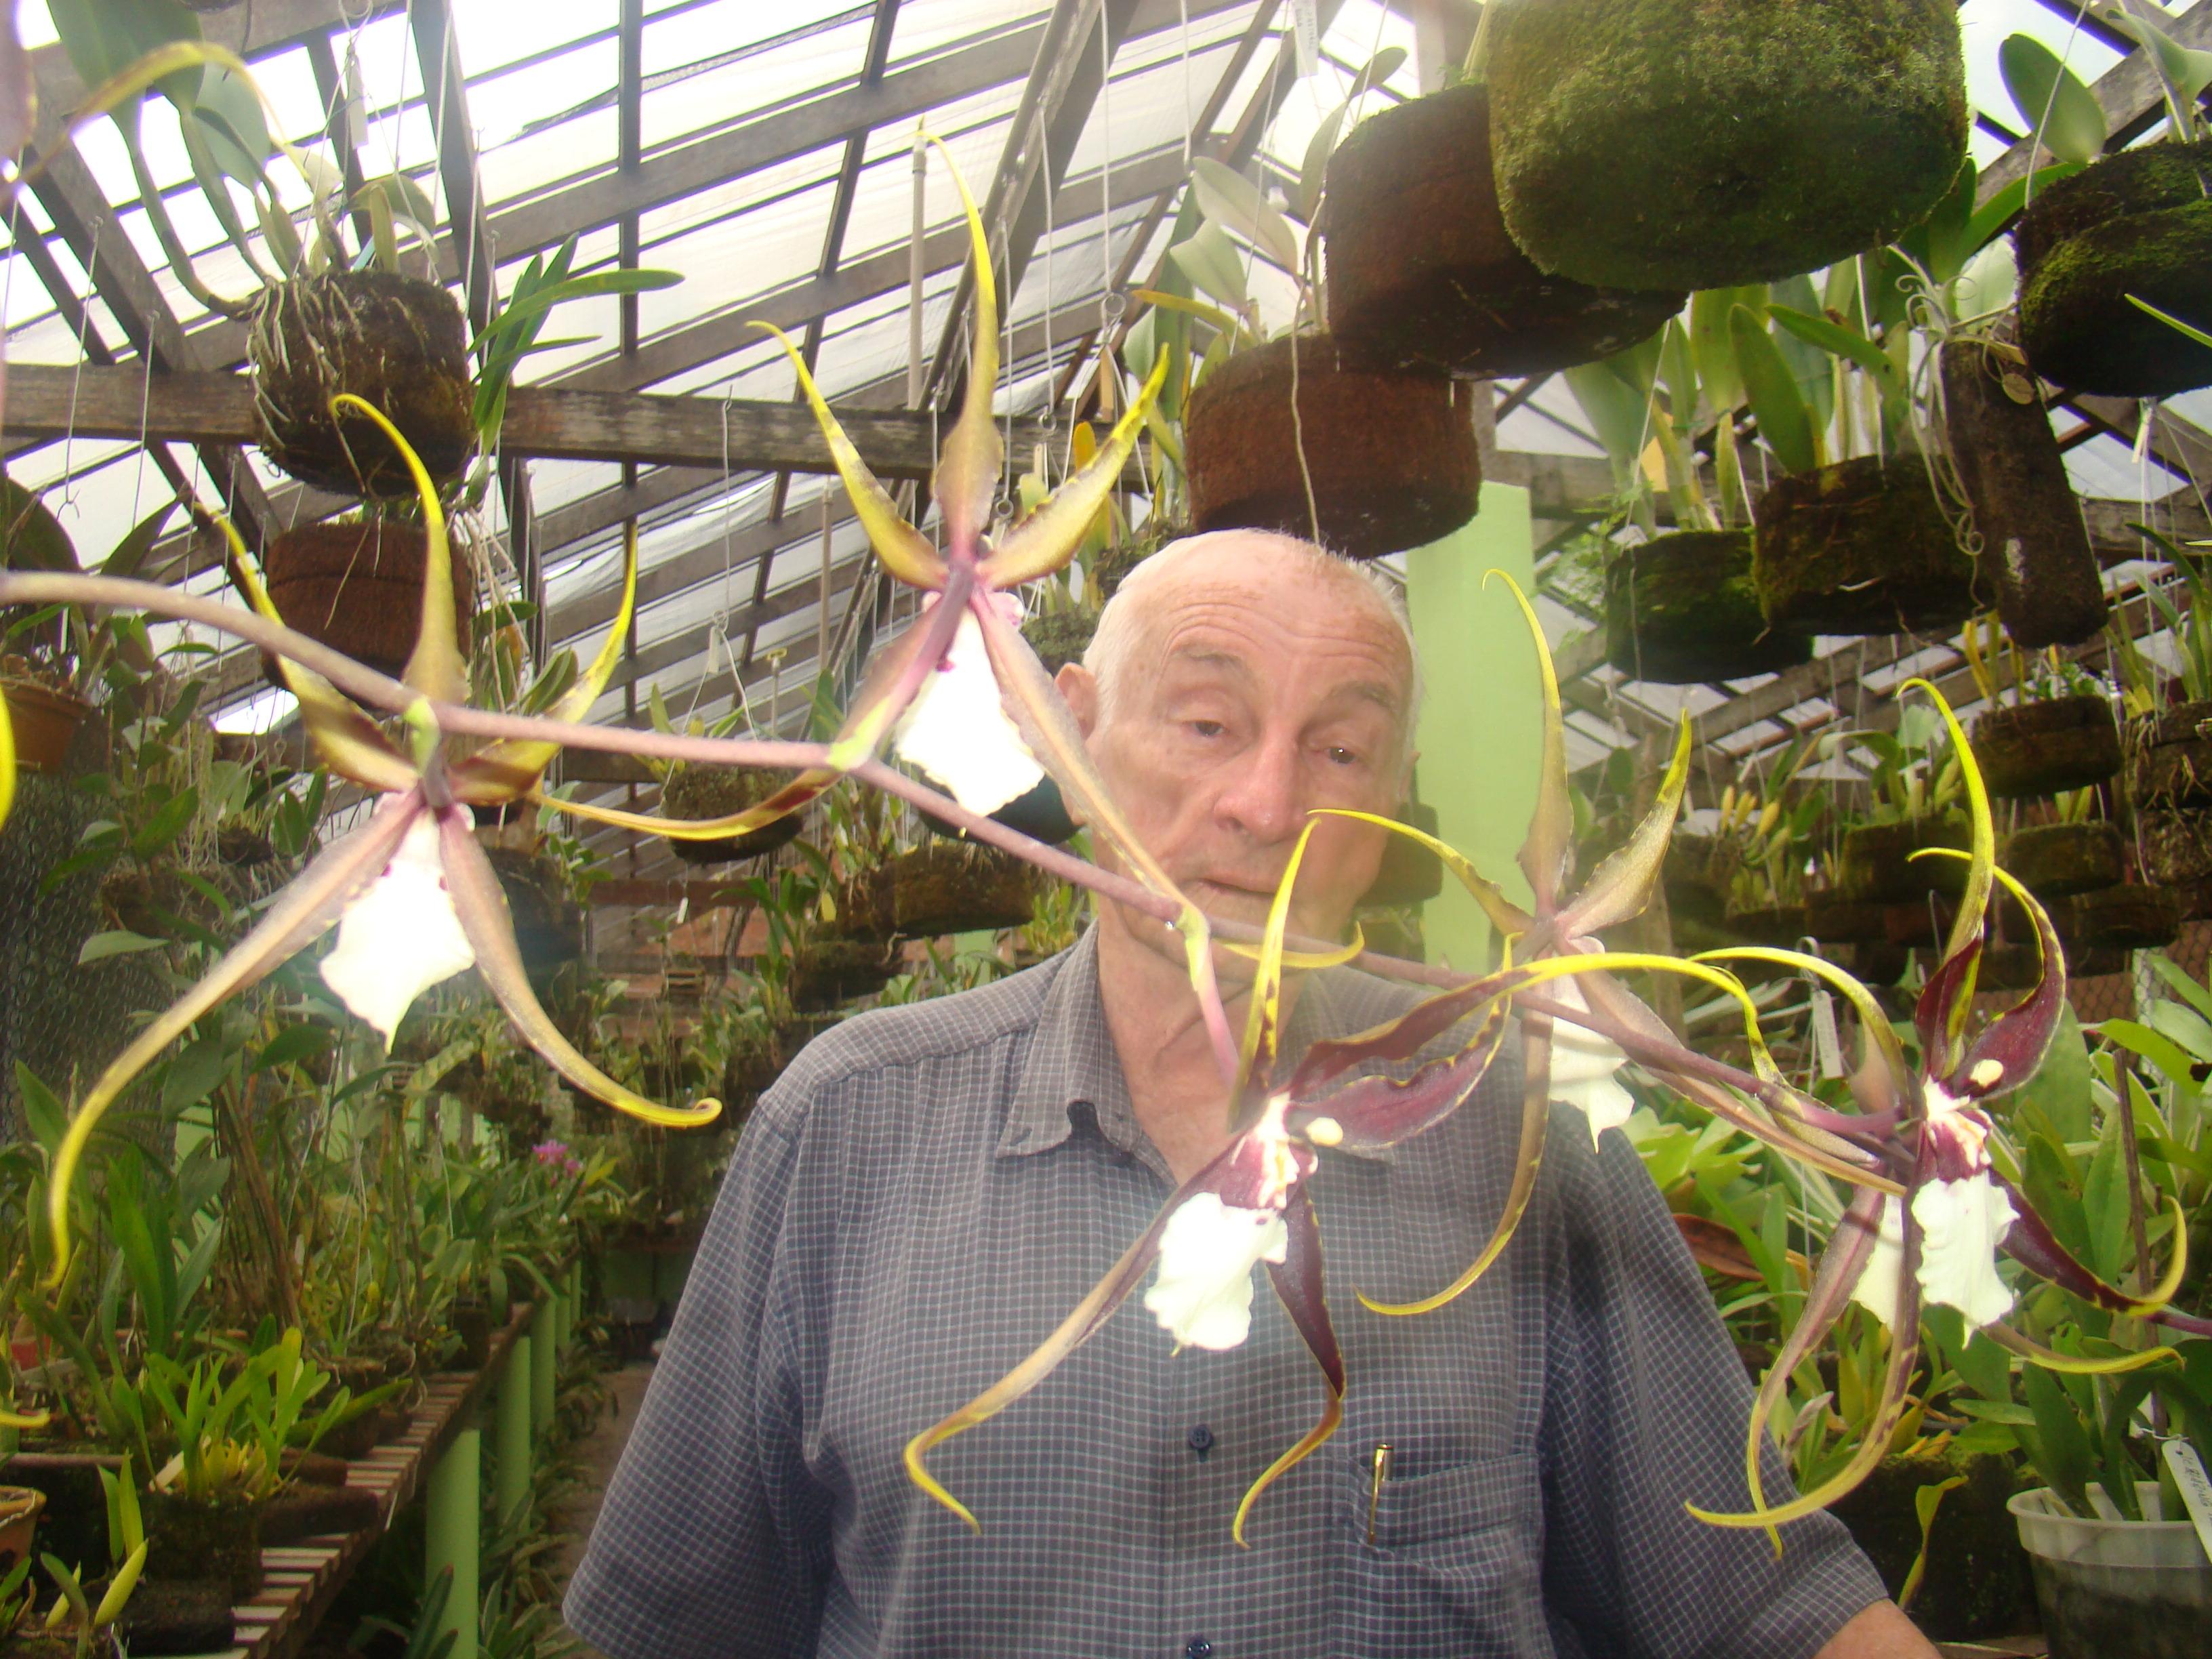 O descobridor de flores revela o segredo da vida no amor pela natureza